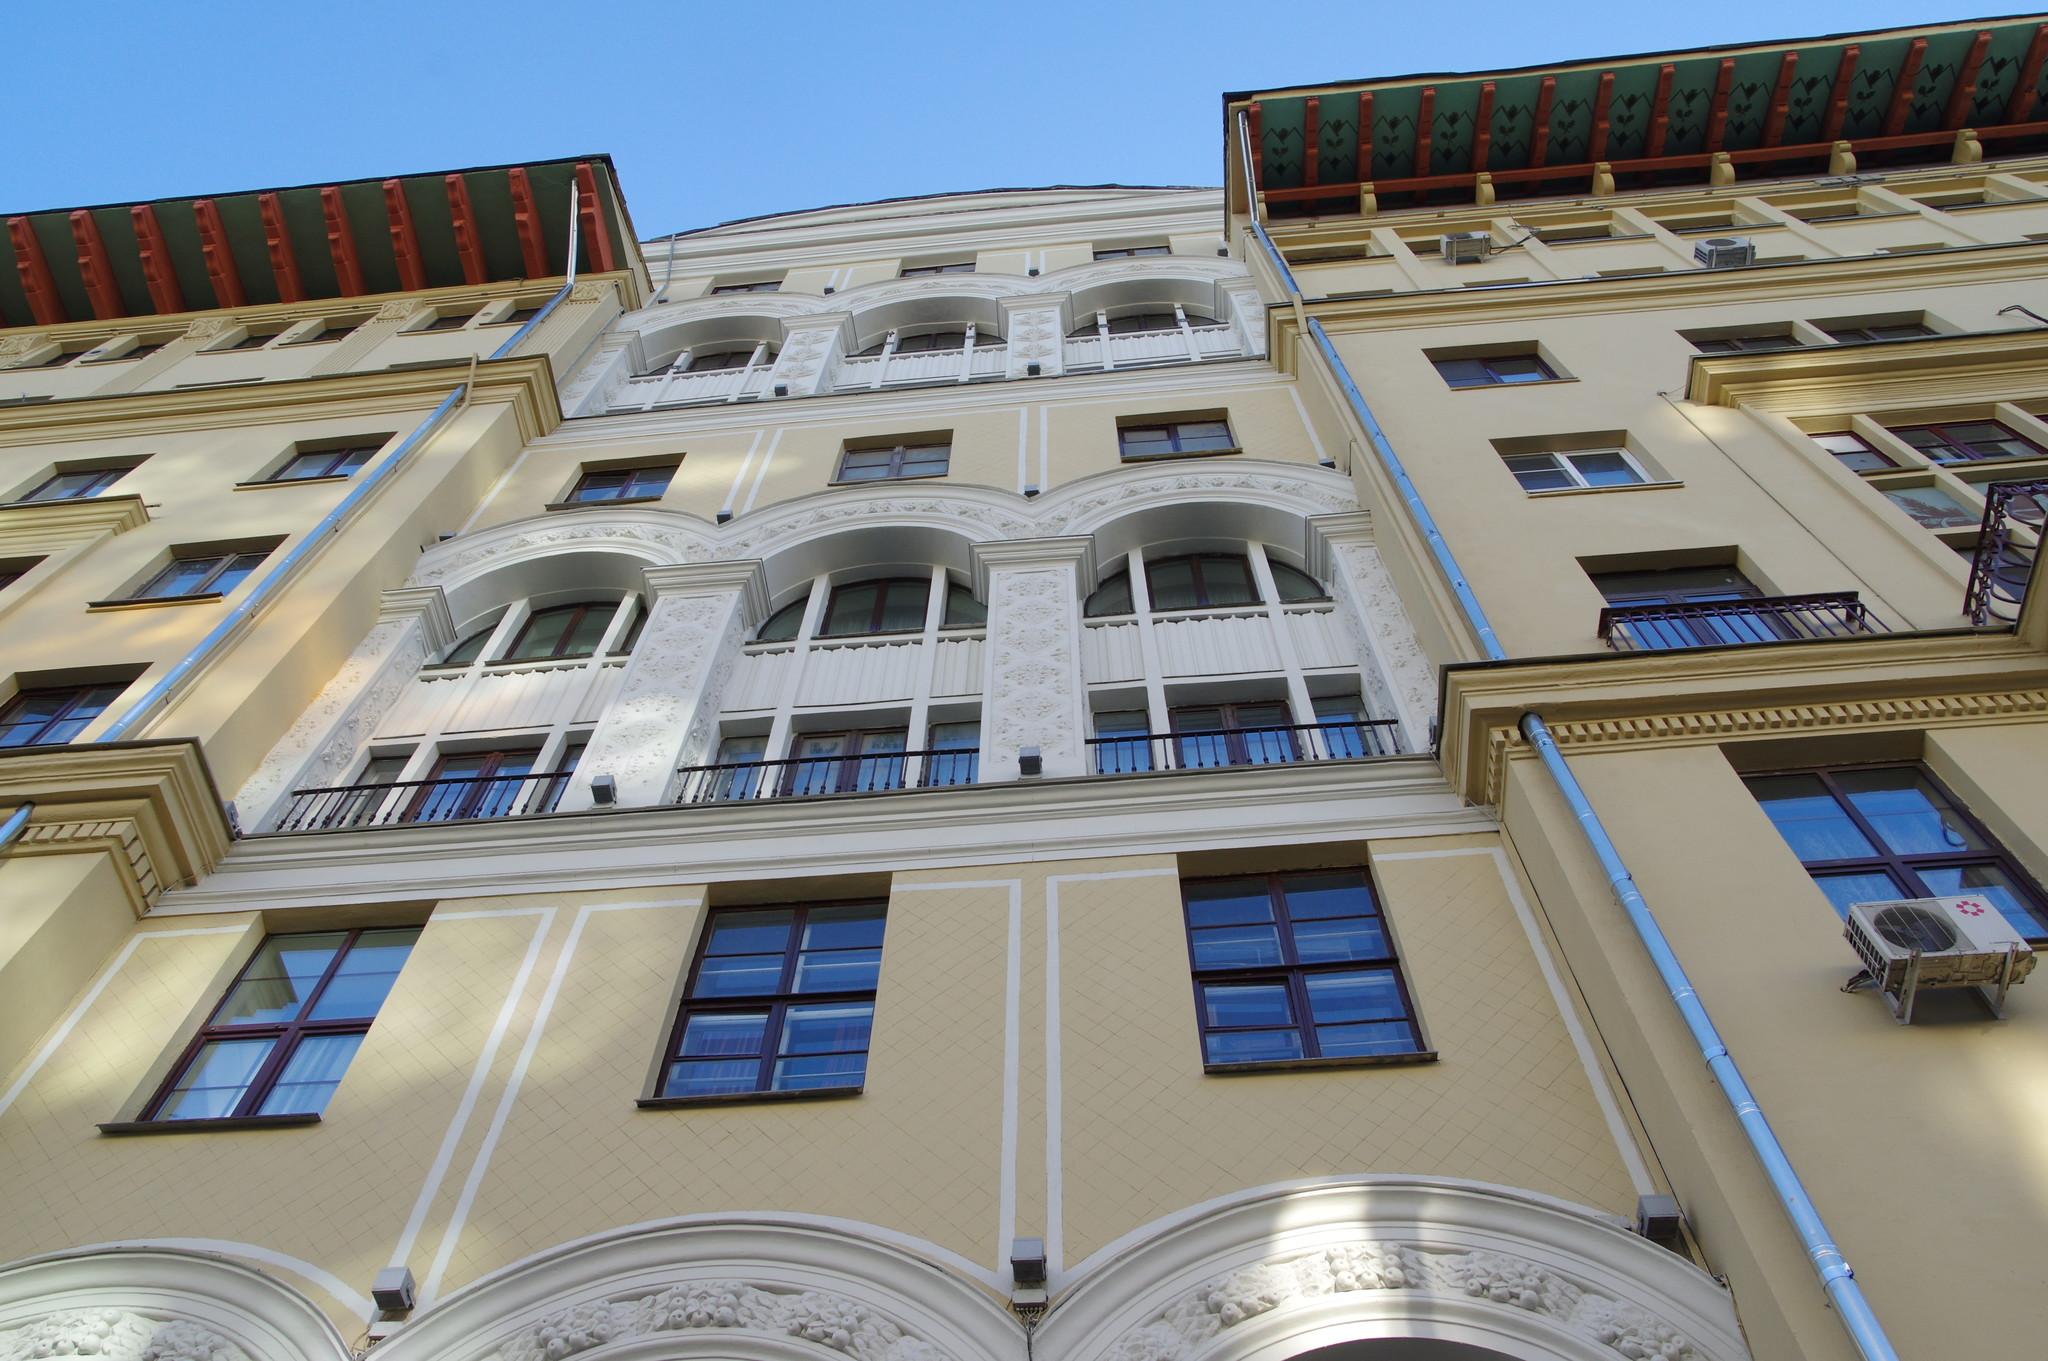 Дом в Москве, где с 1950 года по 1964 год жил Народный артист СССР Александр Шамильевич Мелик-Пашаев (Тверская улица, дом 25/9)